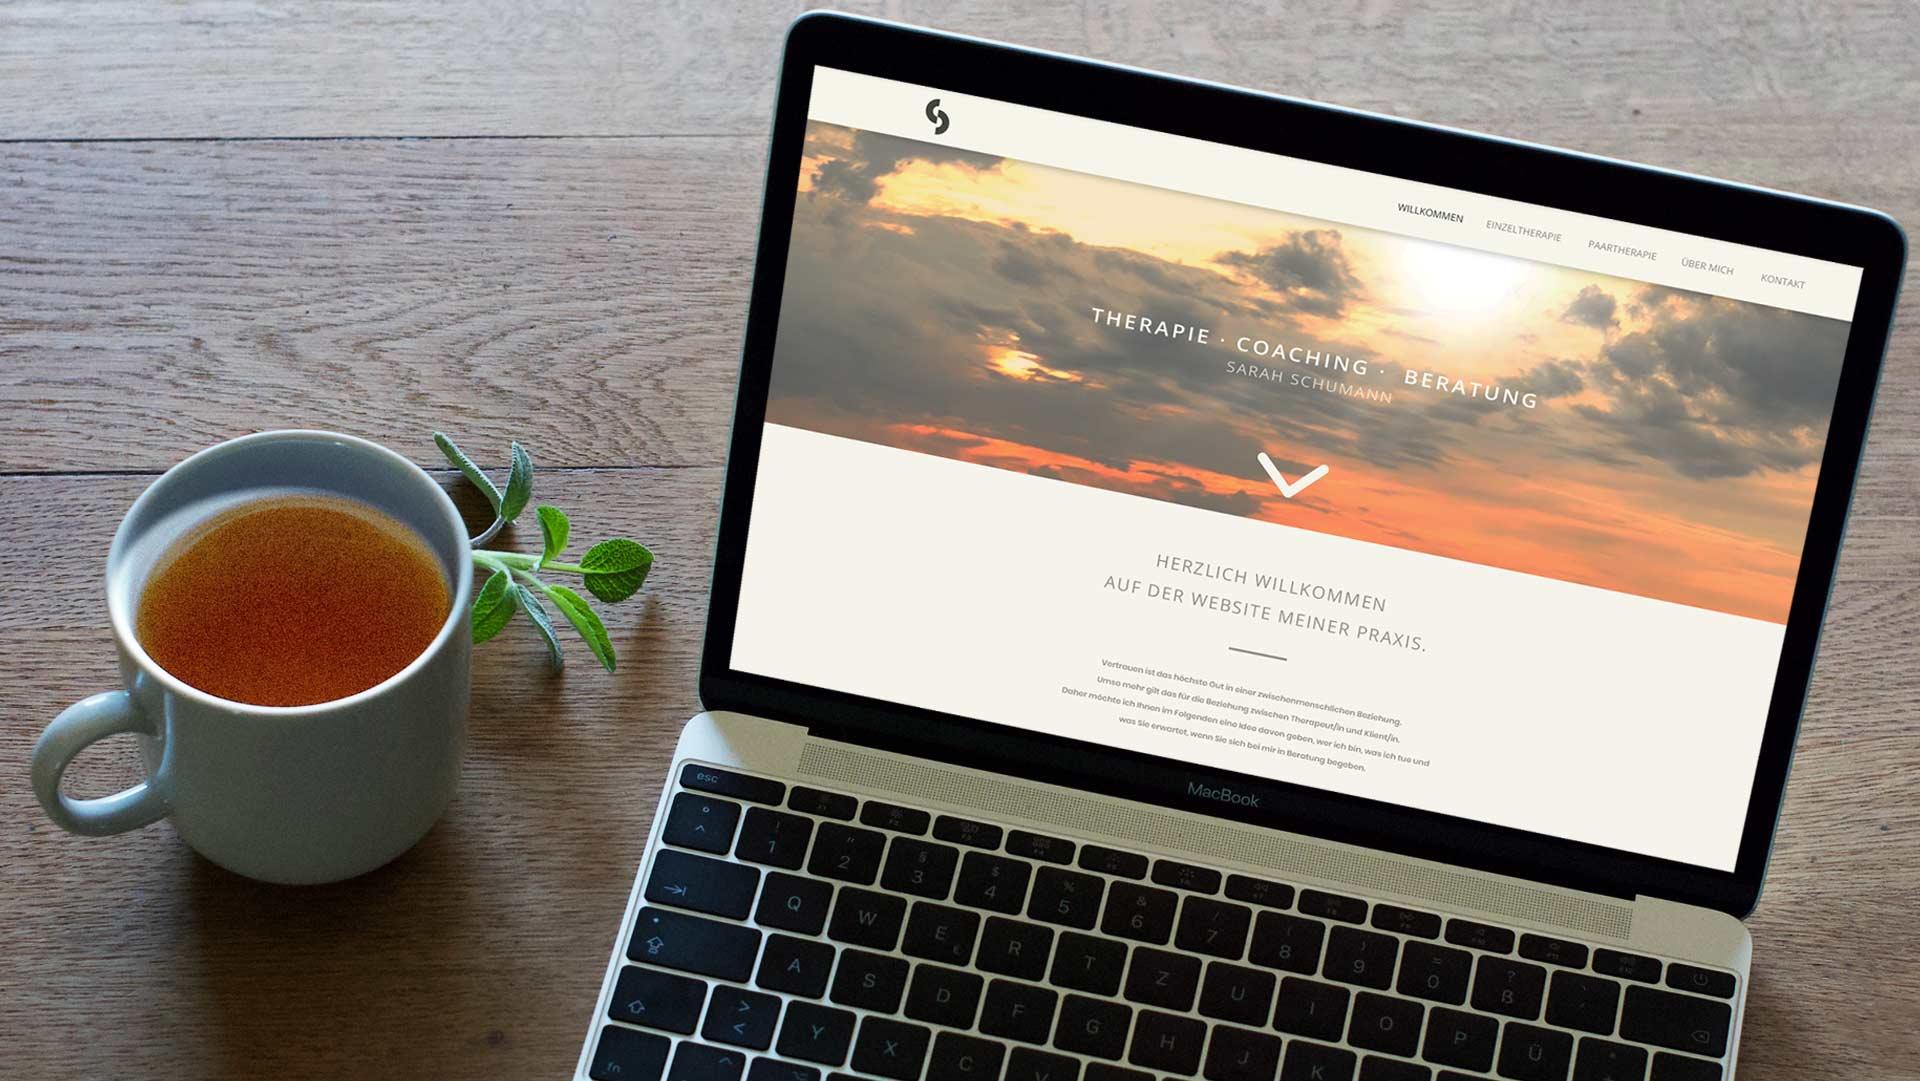 Ansicht eines Laptops auf einem Holztisch, daneben ein Becher Tee und ein frischer Salbeizweig - auf dem Laptop zu sehen ist die Starseiteder Website Sarah Schumanns